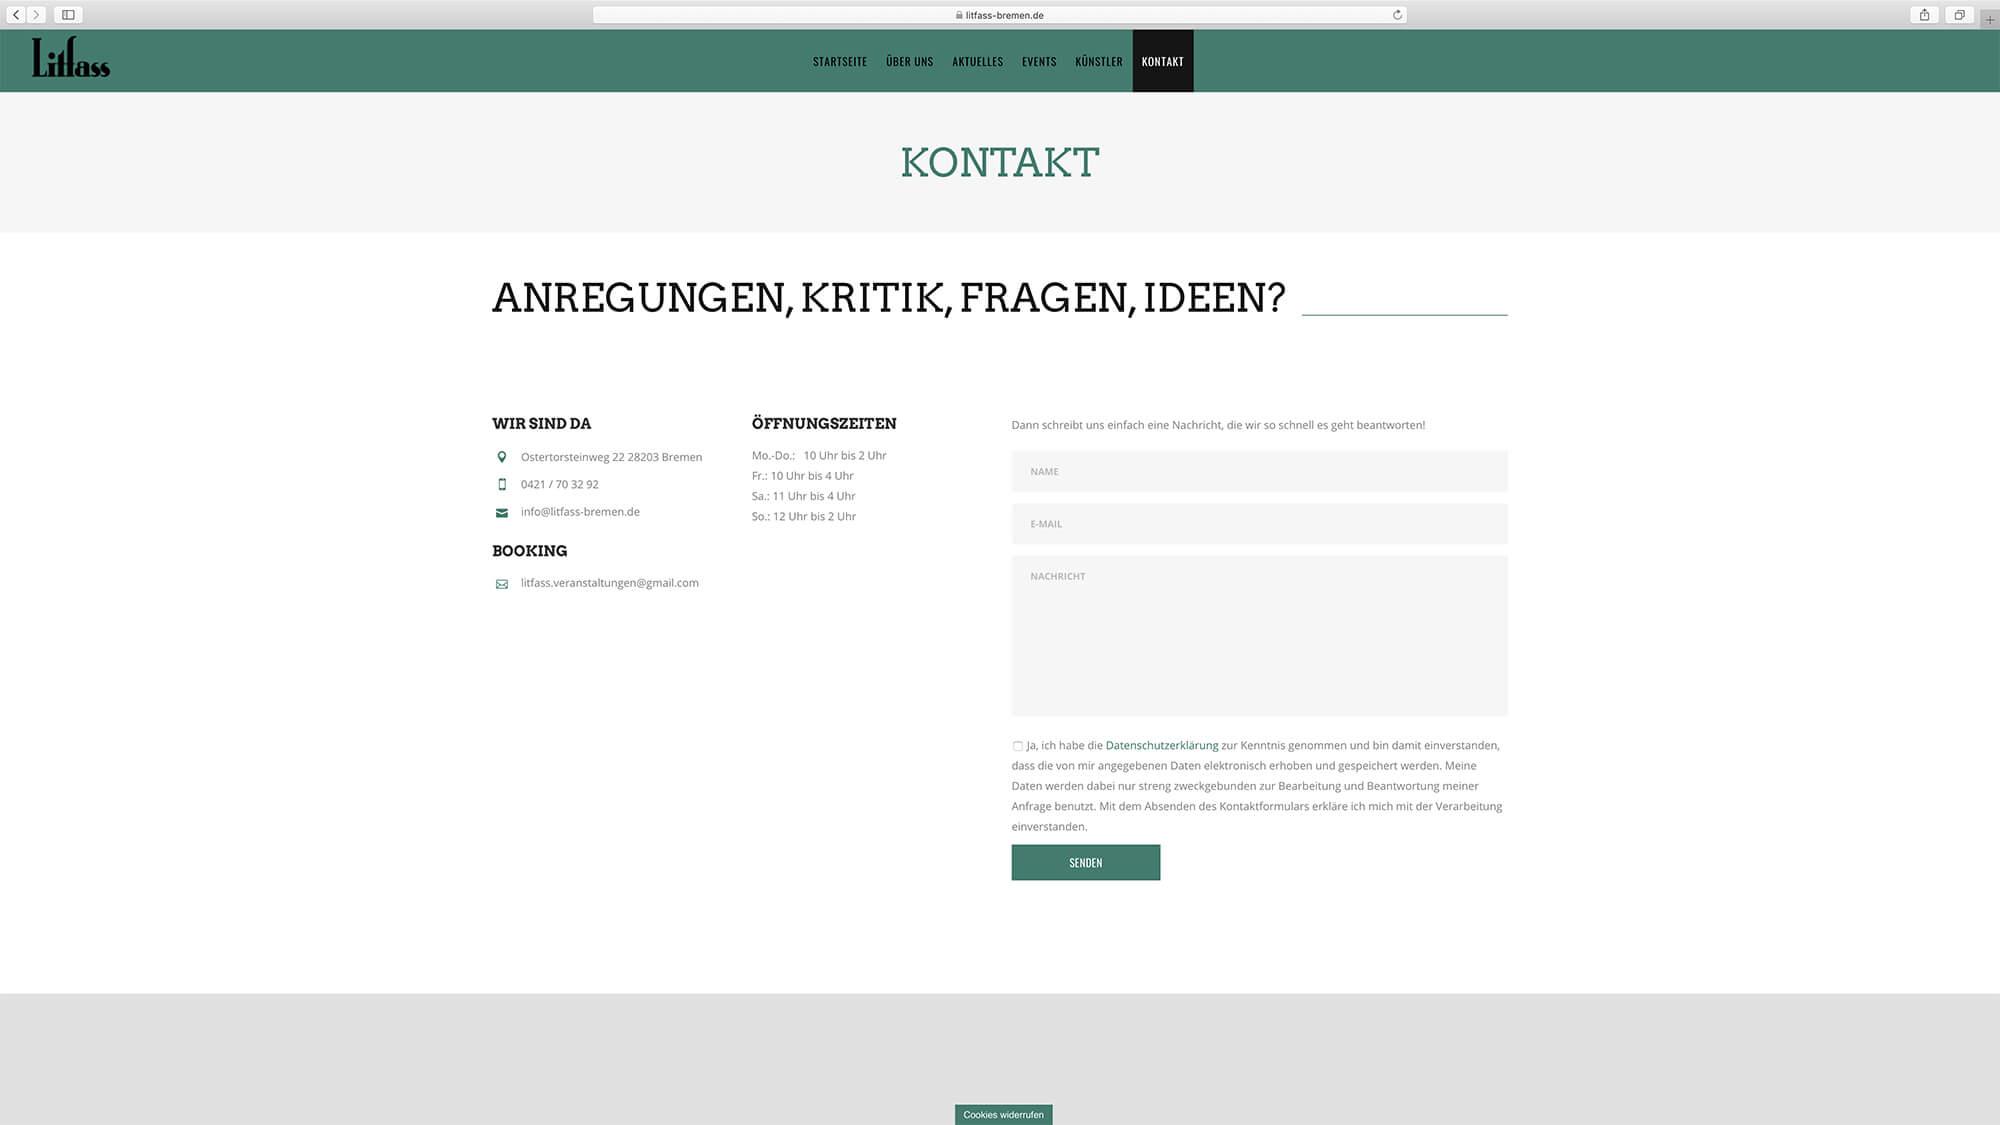 jung und billig werbeagentur litfass bar bildschirm2 - Litfass Bremen